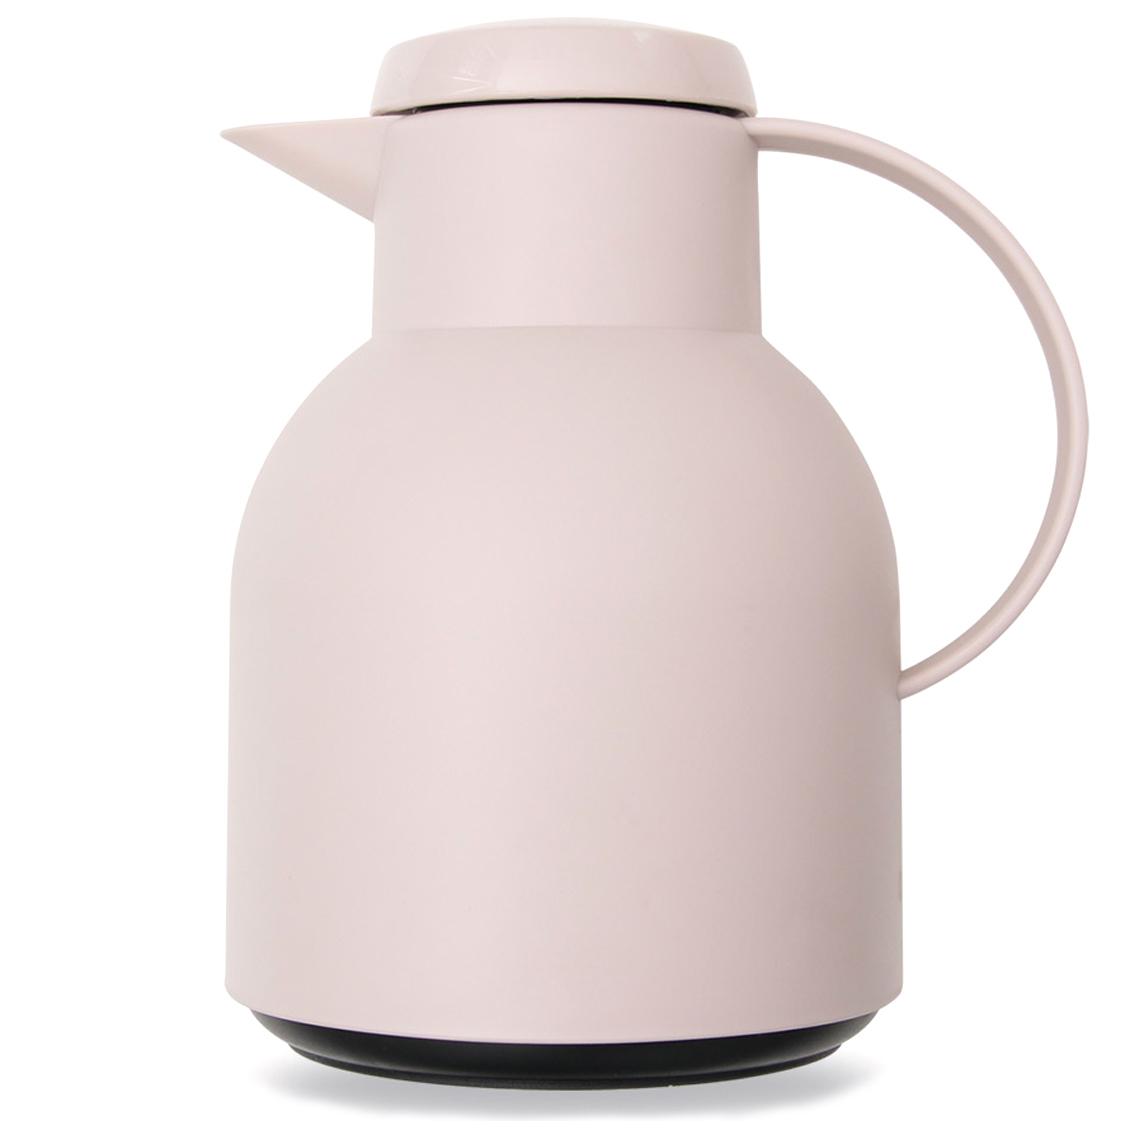 비스비바 돌체 버튼 보온 주전자, 1L, 핑크